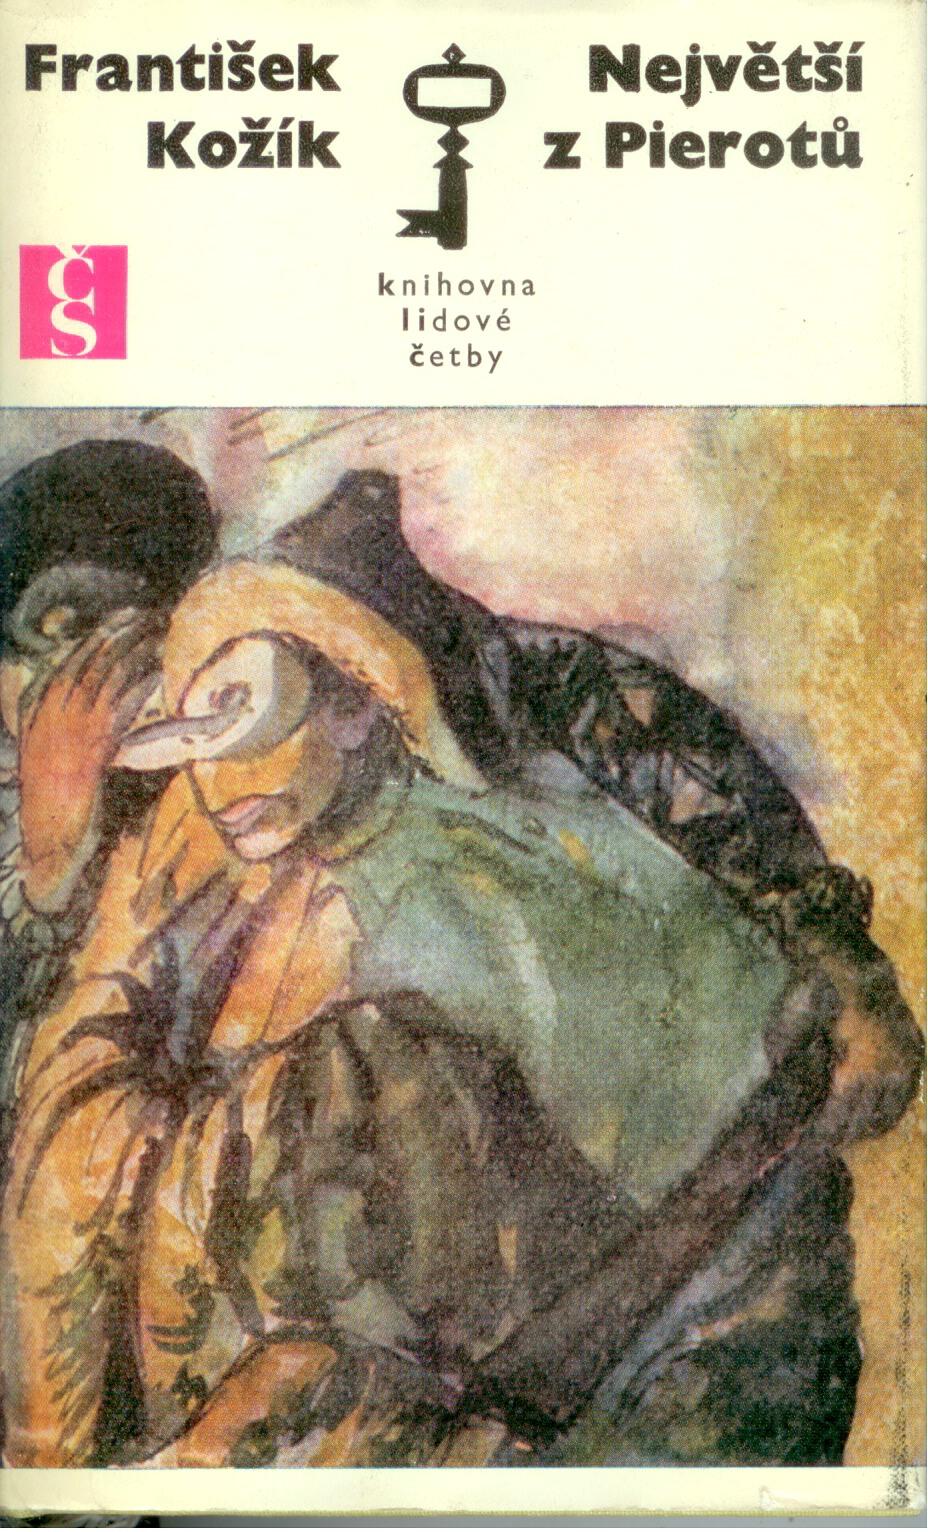 Největší z Pierotů - František Kožík